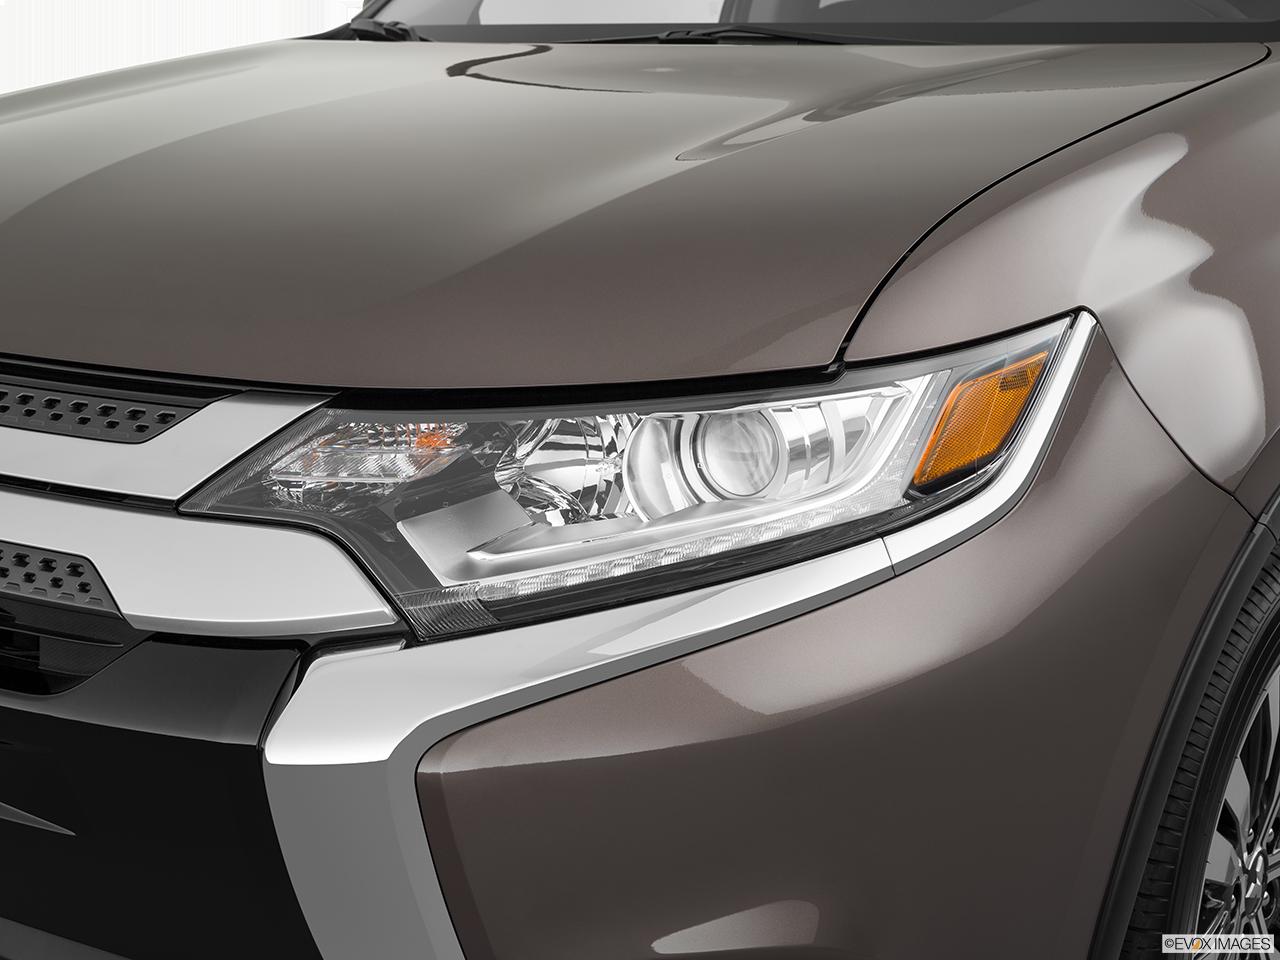 2019 Mitsubishi Outlander photo